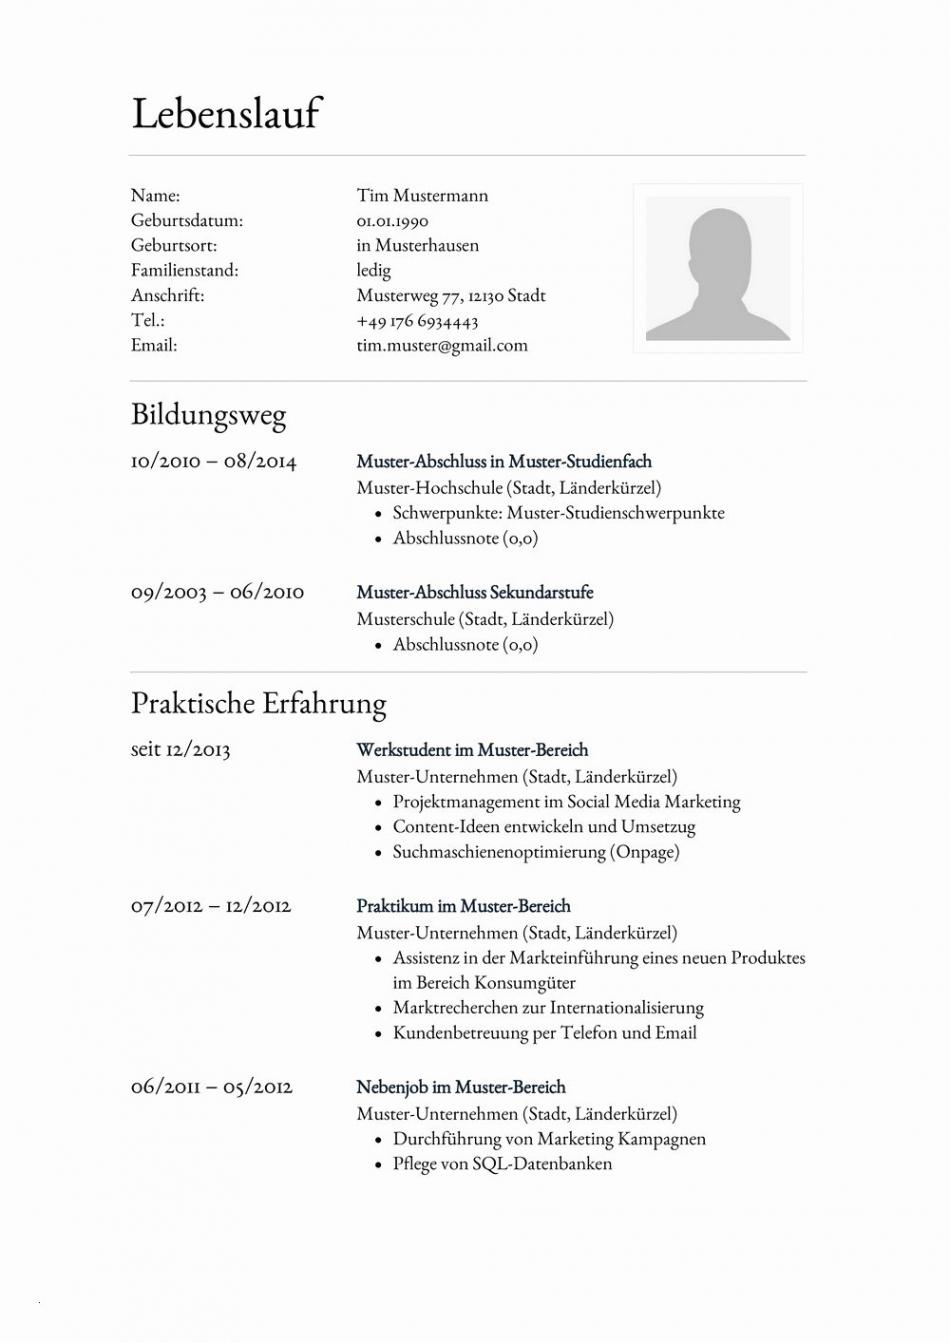 Eine Probe von  Lebenslauf Muster Schreiben Schön Einzigartig Sammlung Von Lebenslauf Vorlage Nach Eu-Norm